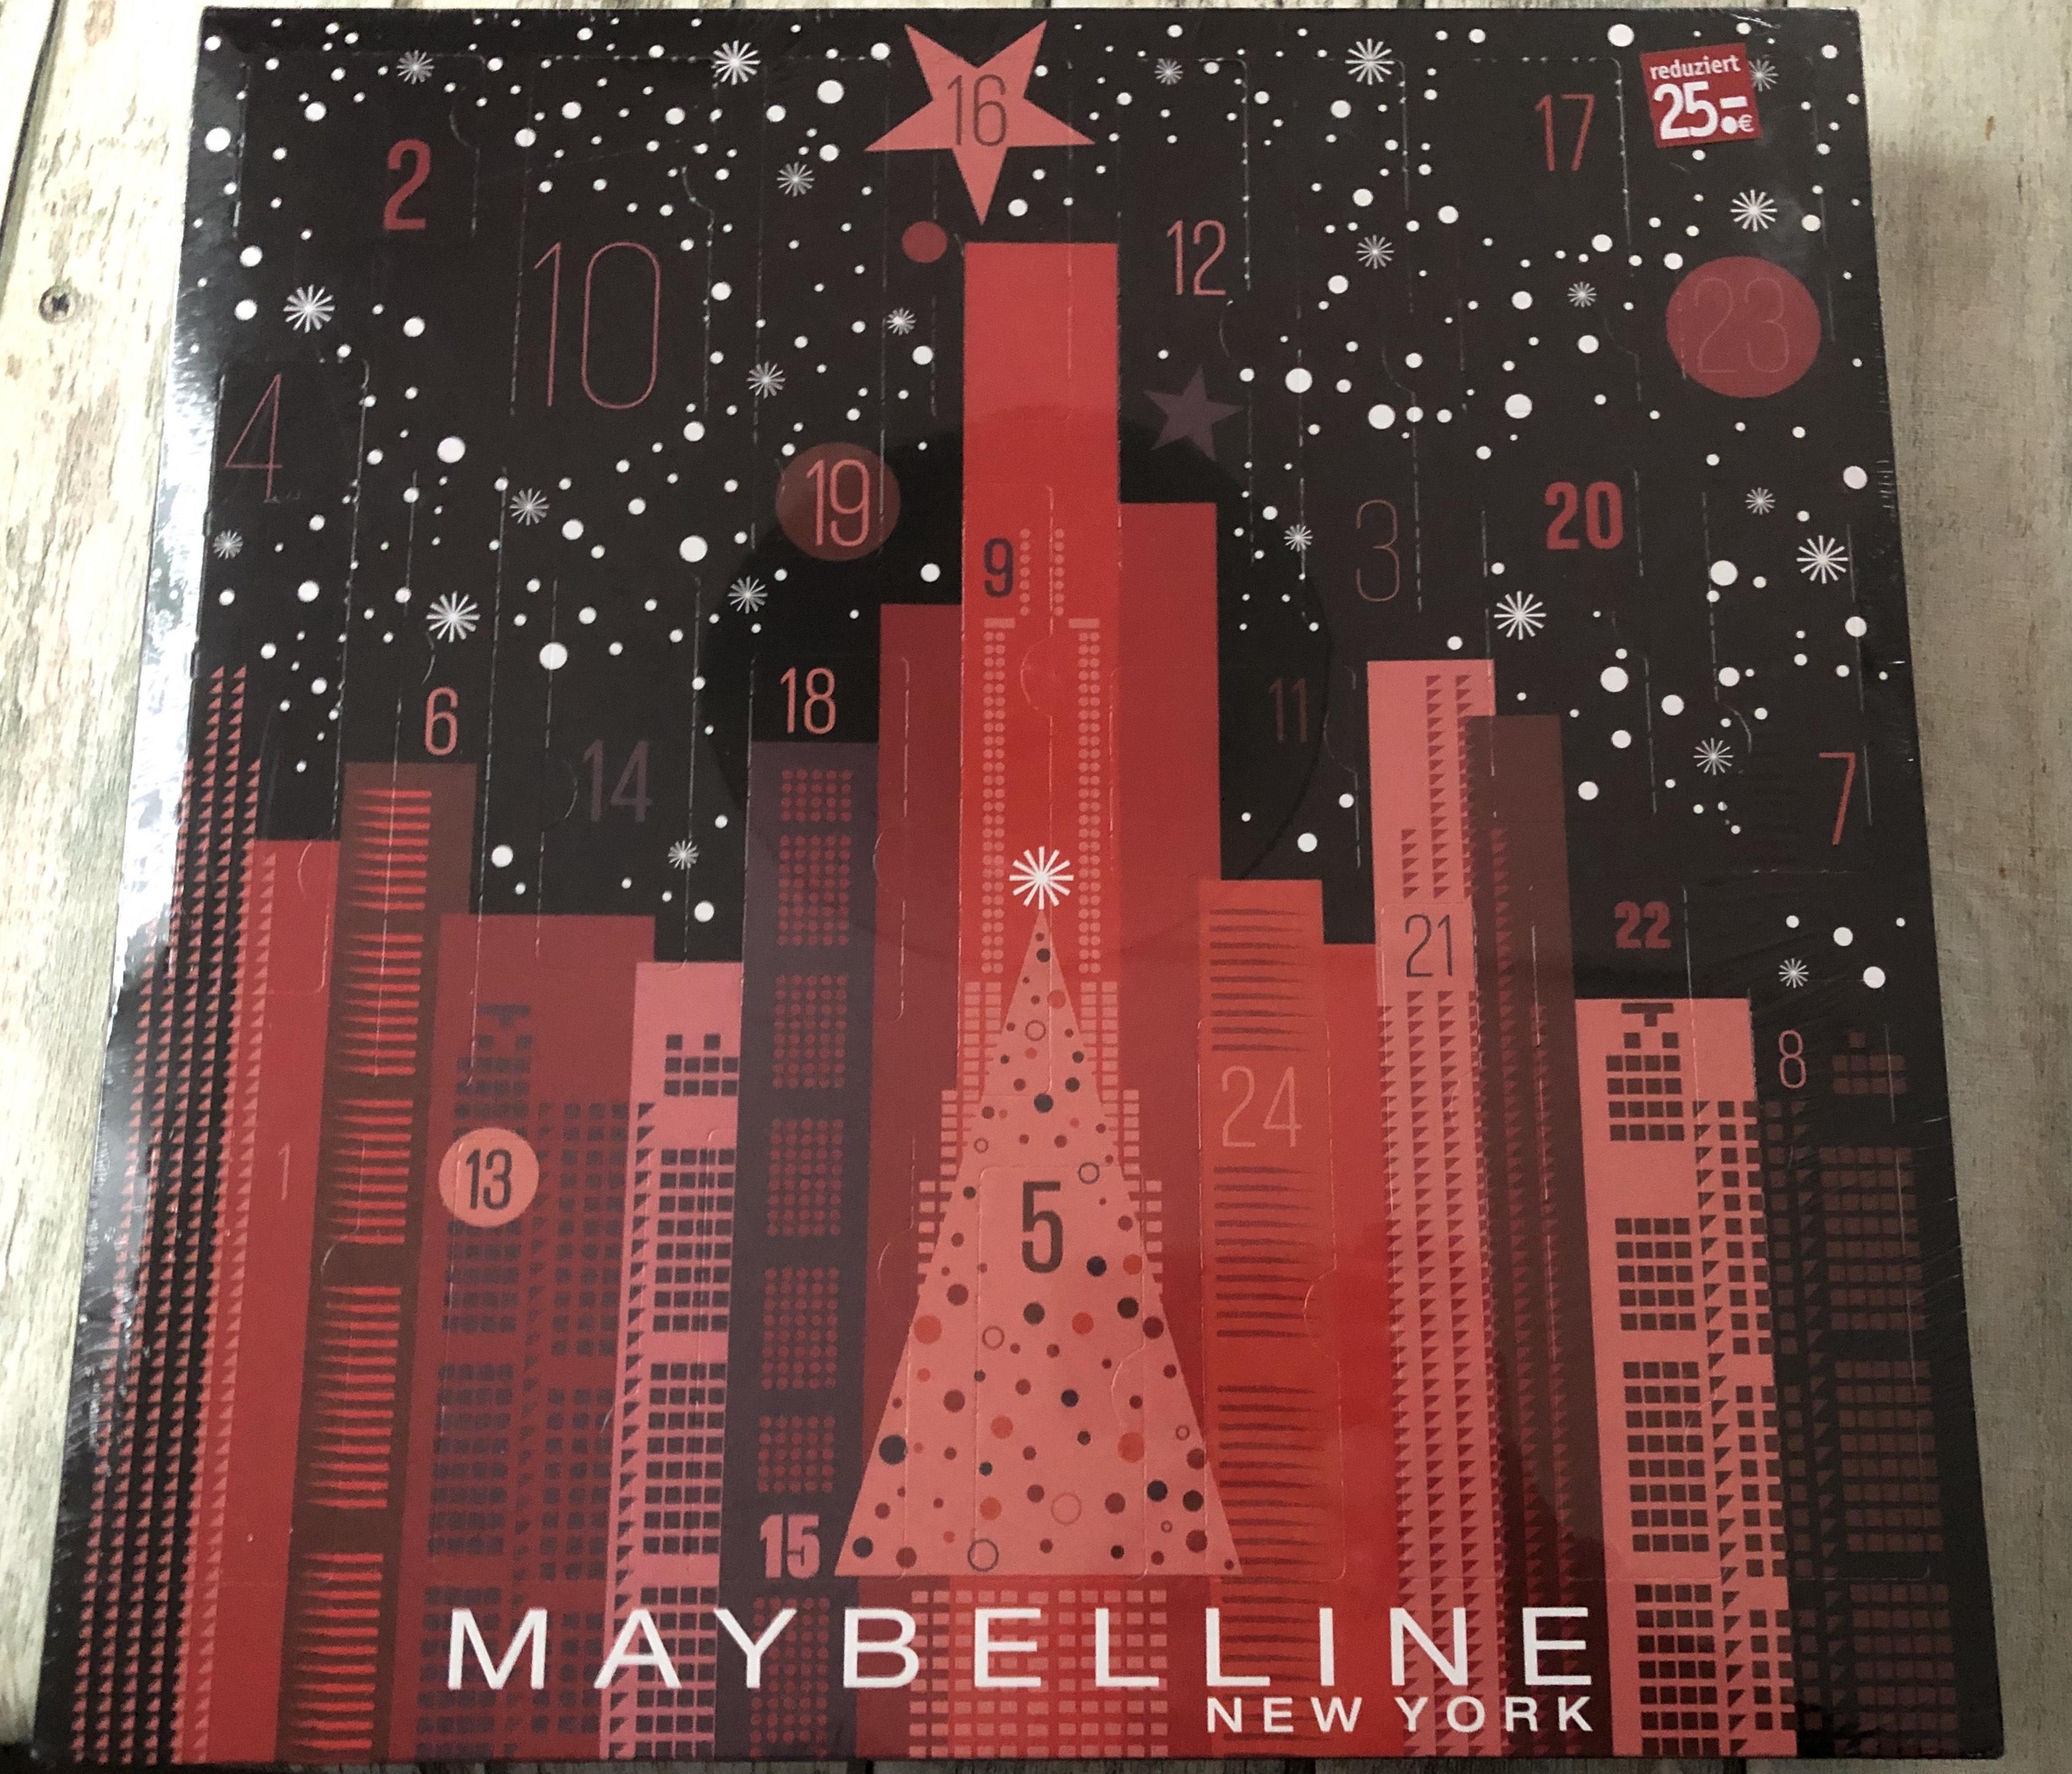 Rossmann OFFLINE deutschlandweit (?) Maybelline Adventskalender